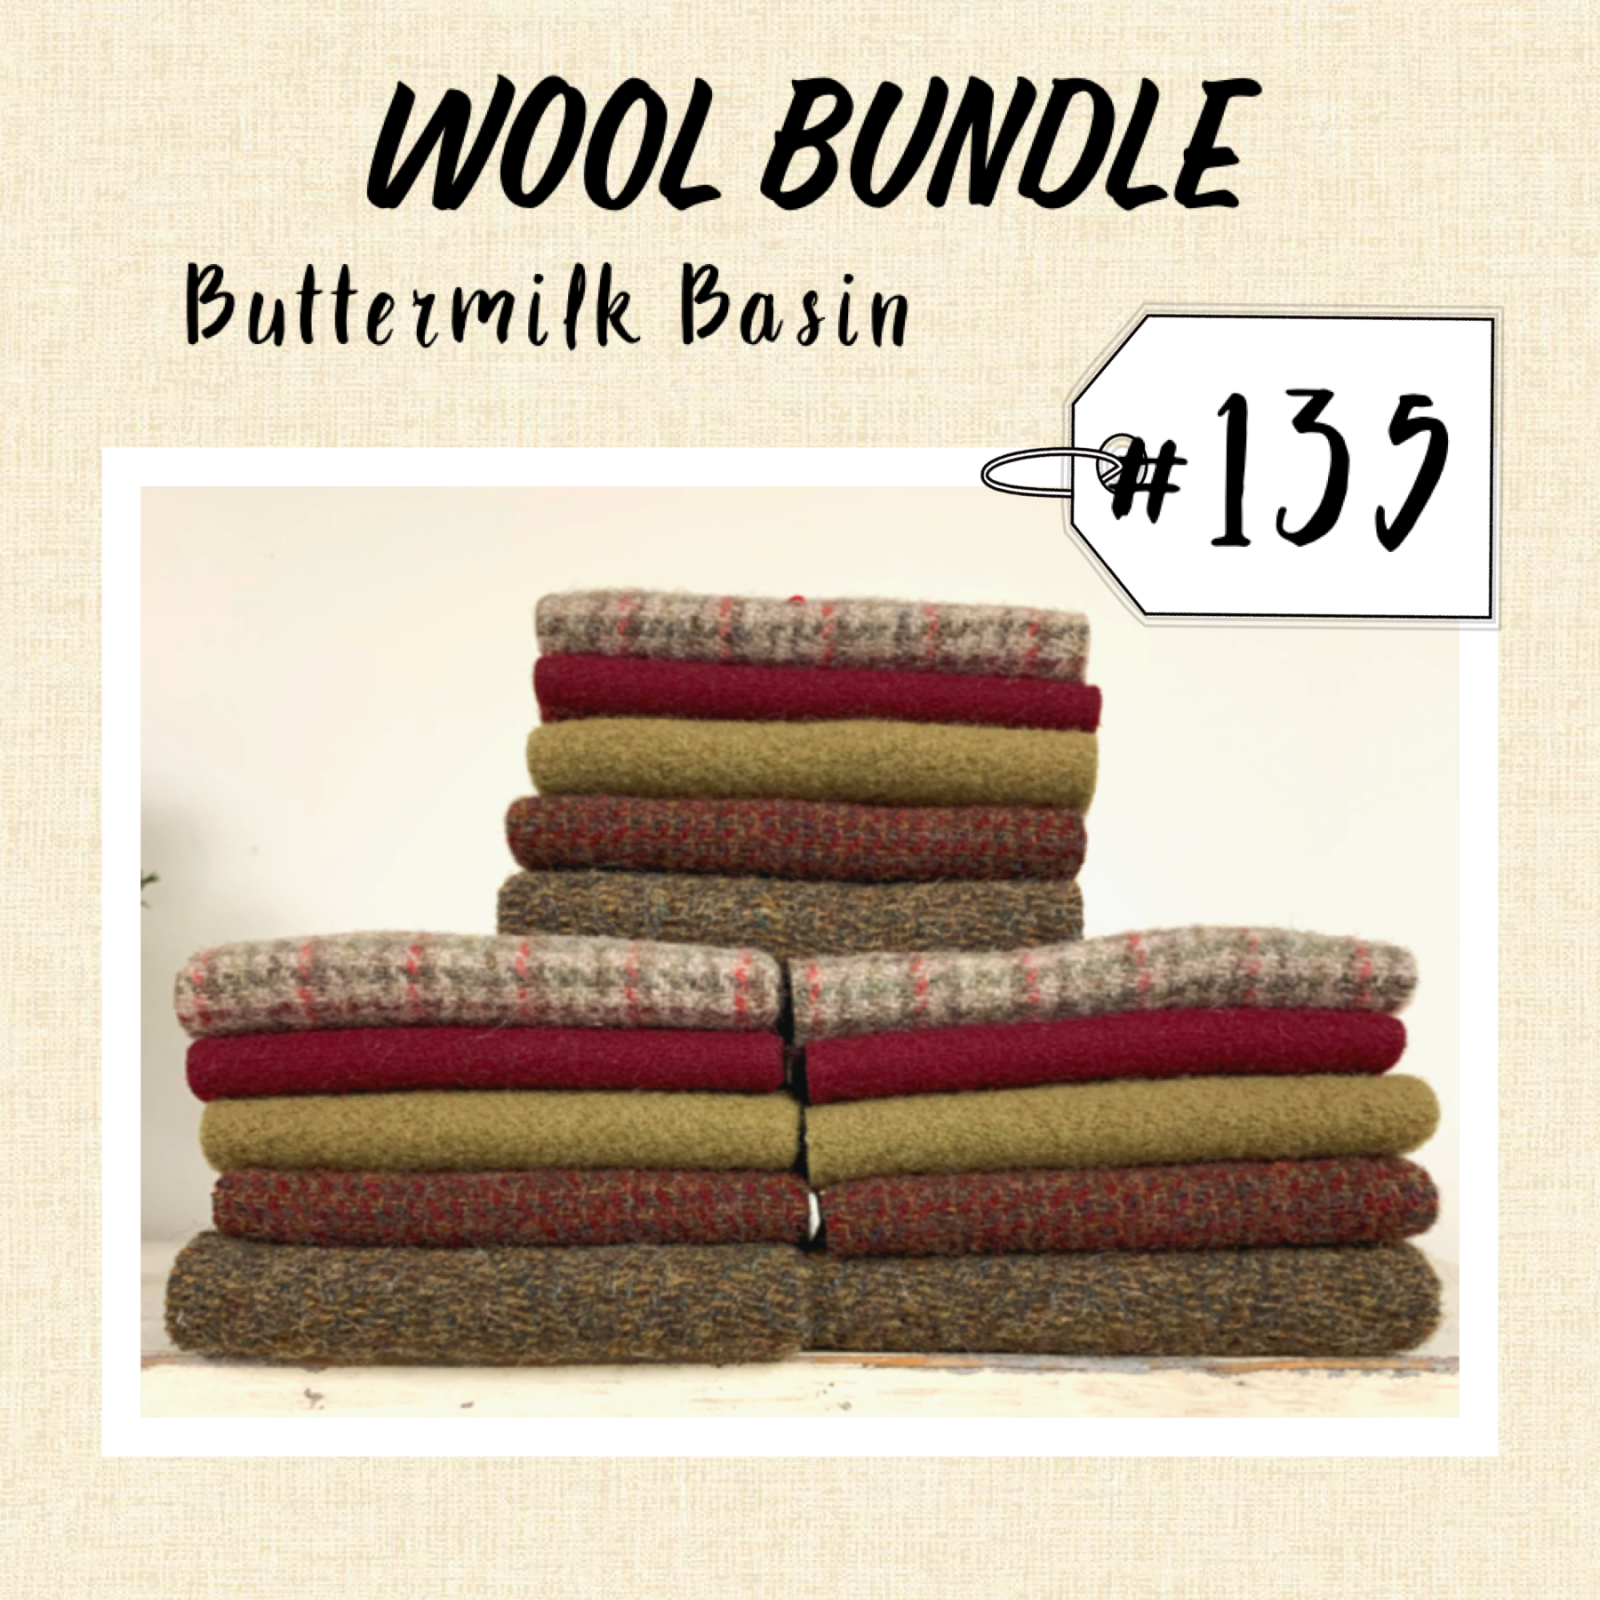 Wool Bundle #135